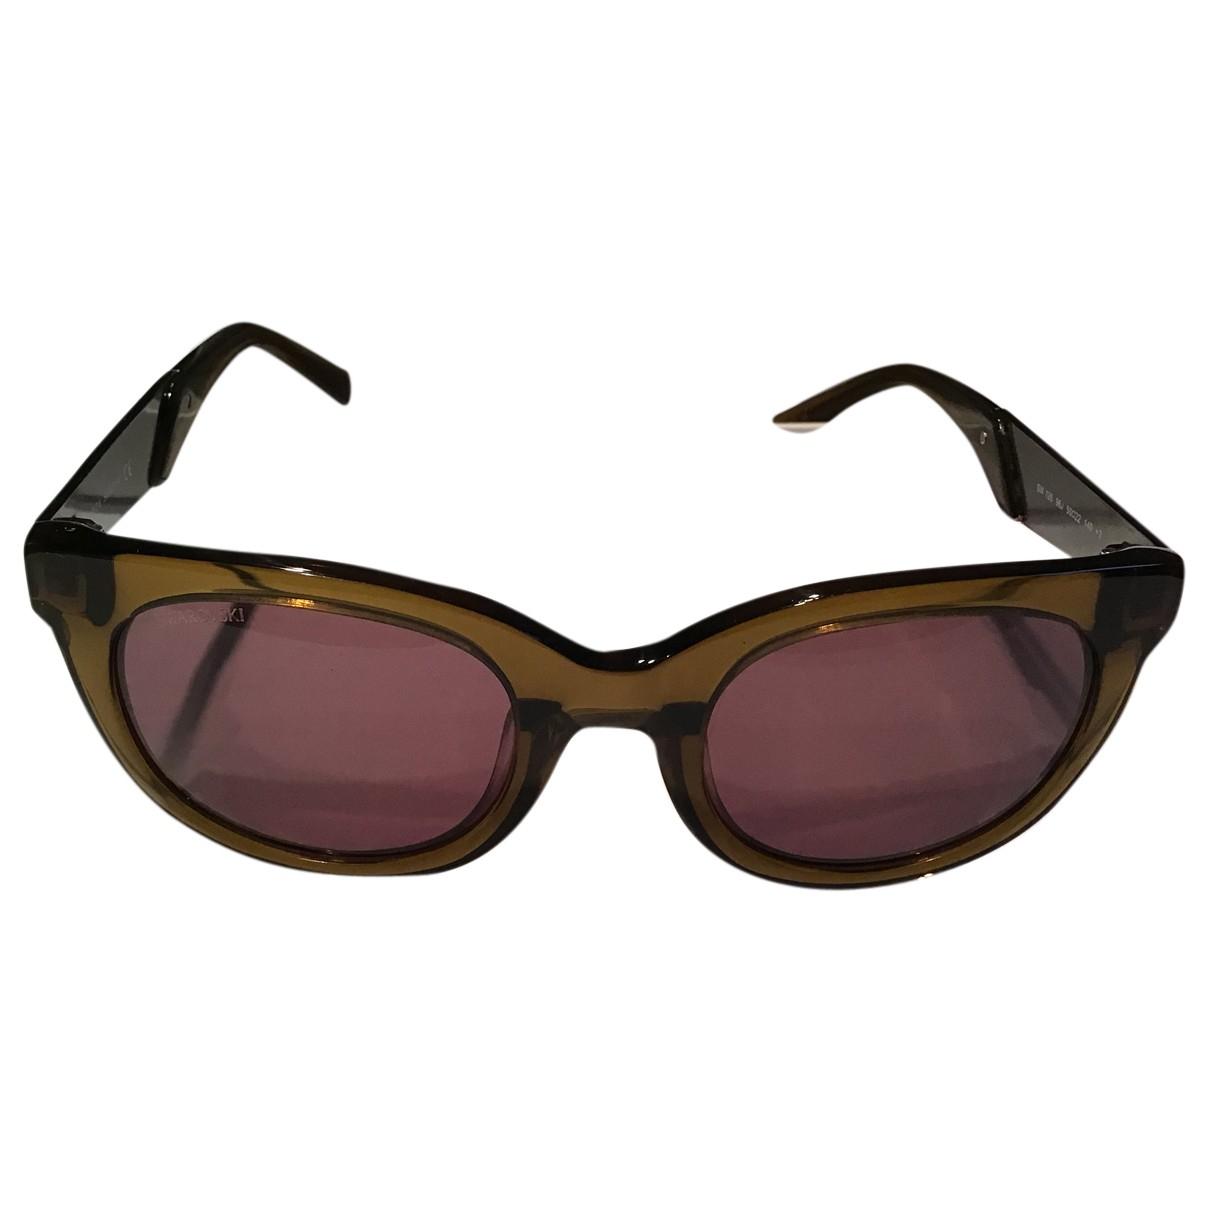 Gafas oversize Swarovski